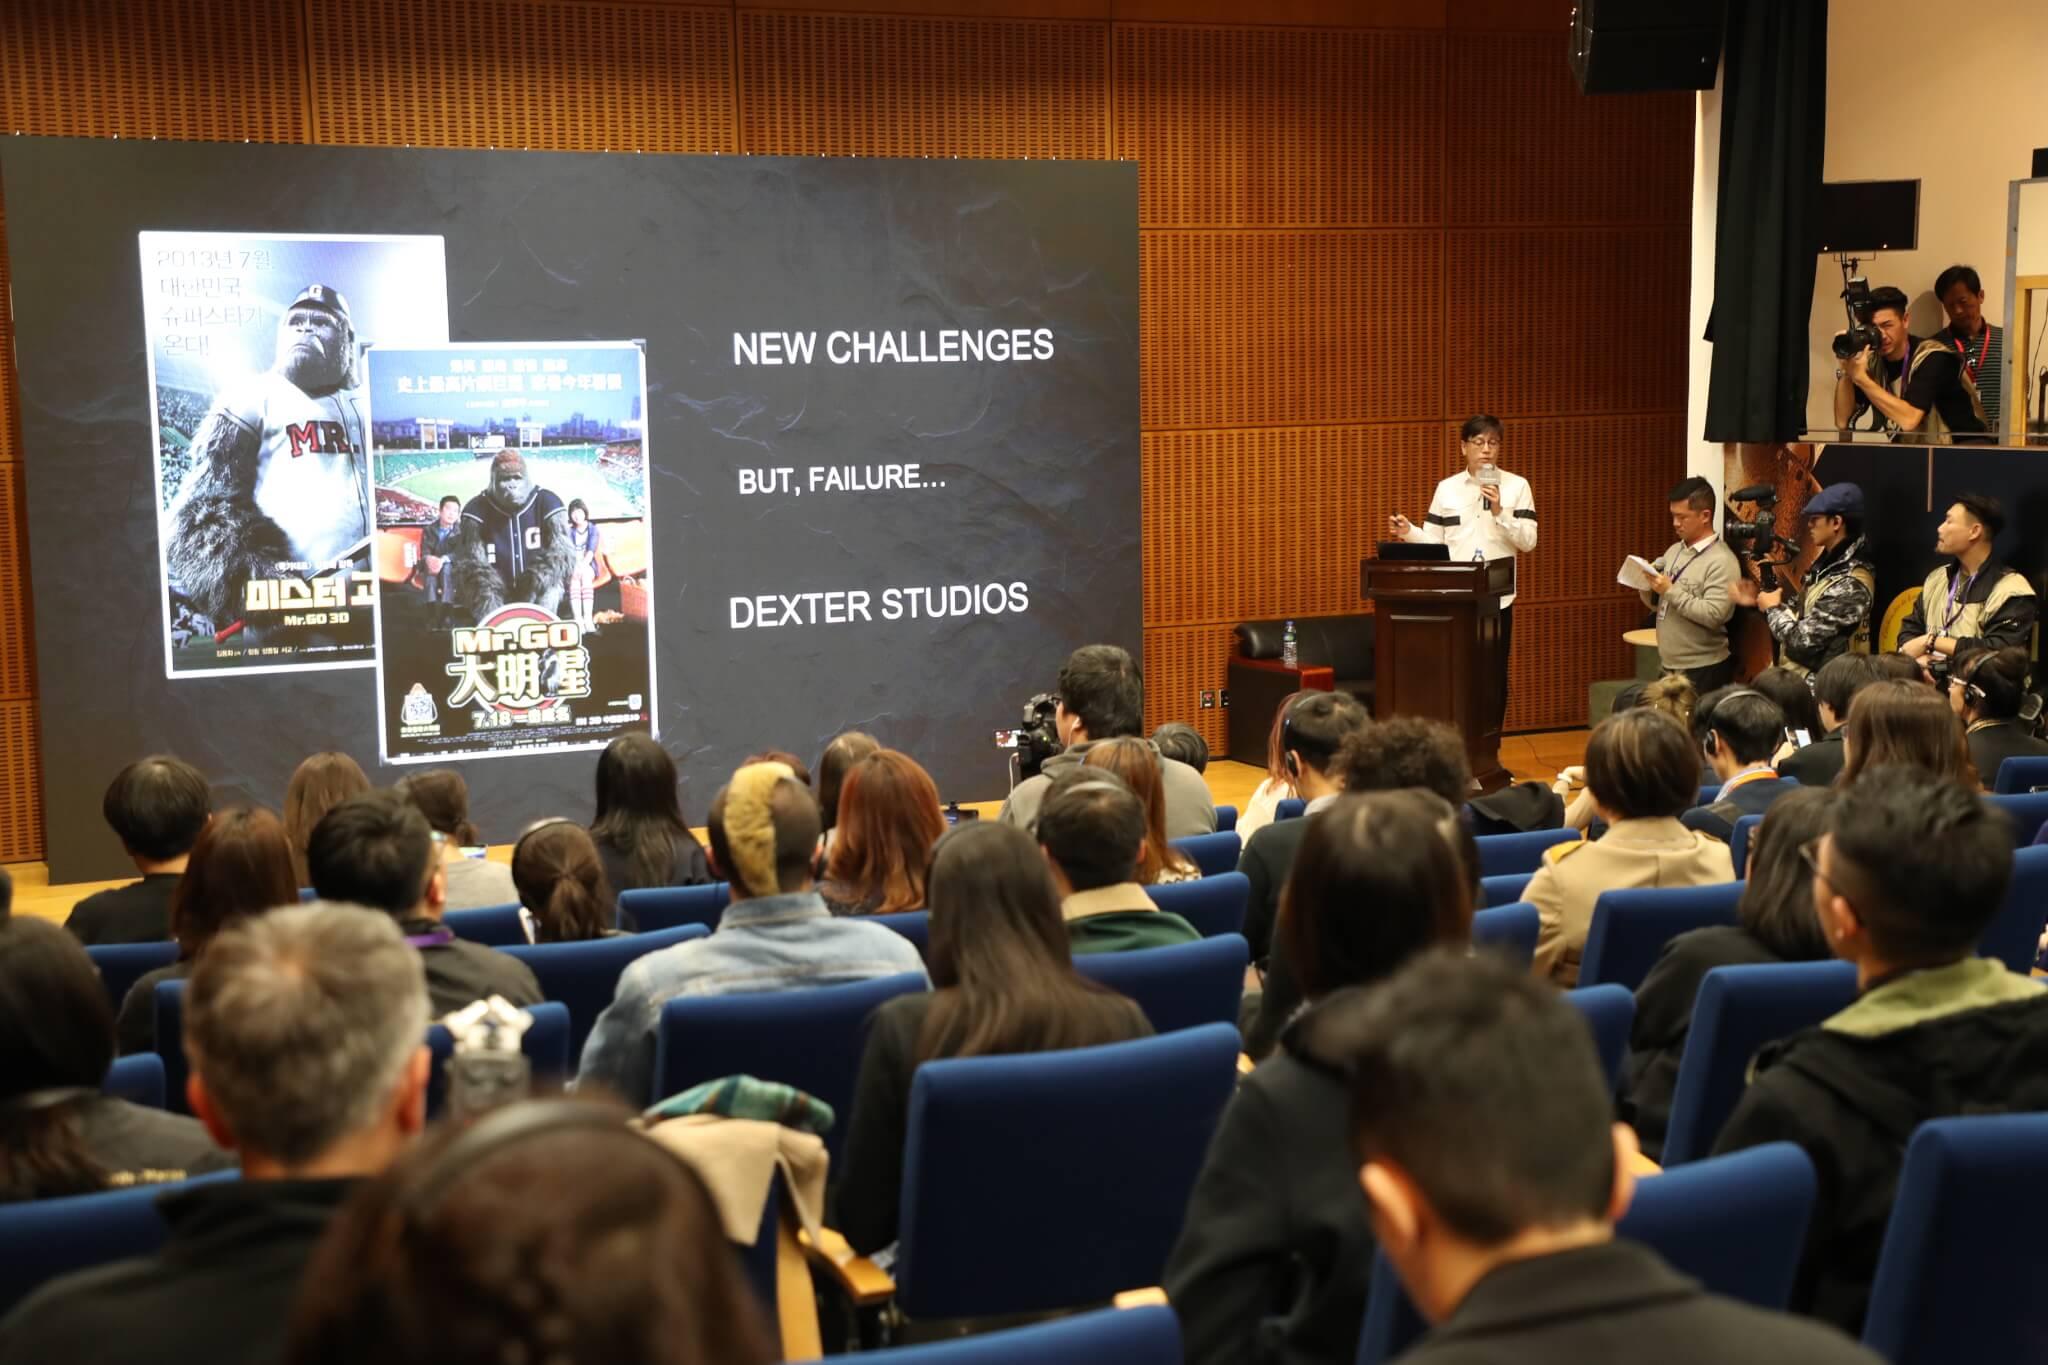 訪問當日,導演出席了電影節舉辦的大師班,分享製作電影心得,座無虛席。